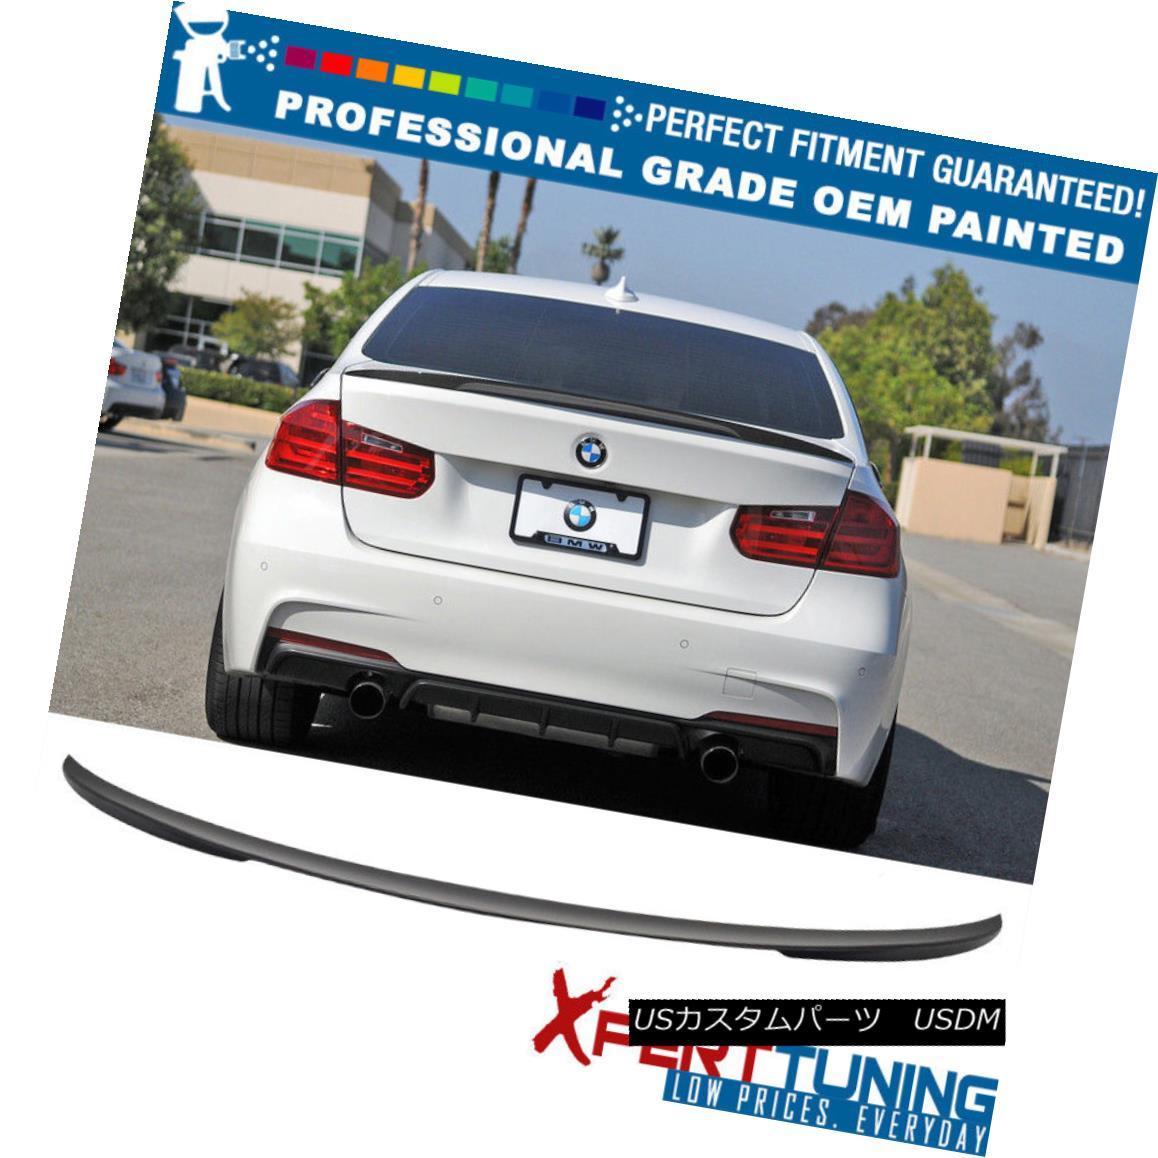 エアロパーツ 12-18 BMW 3-Series F30 4Dr 4Door P Painted Trunk Spoiler - OEM Painted Color 12-18 BMW 3シリーズF30 4Dr 4Door P塗装トランク・スポイラー - OEM塗装色